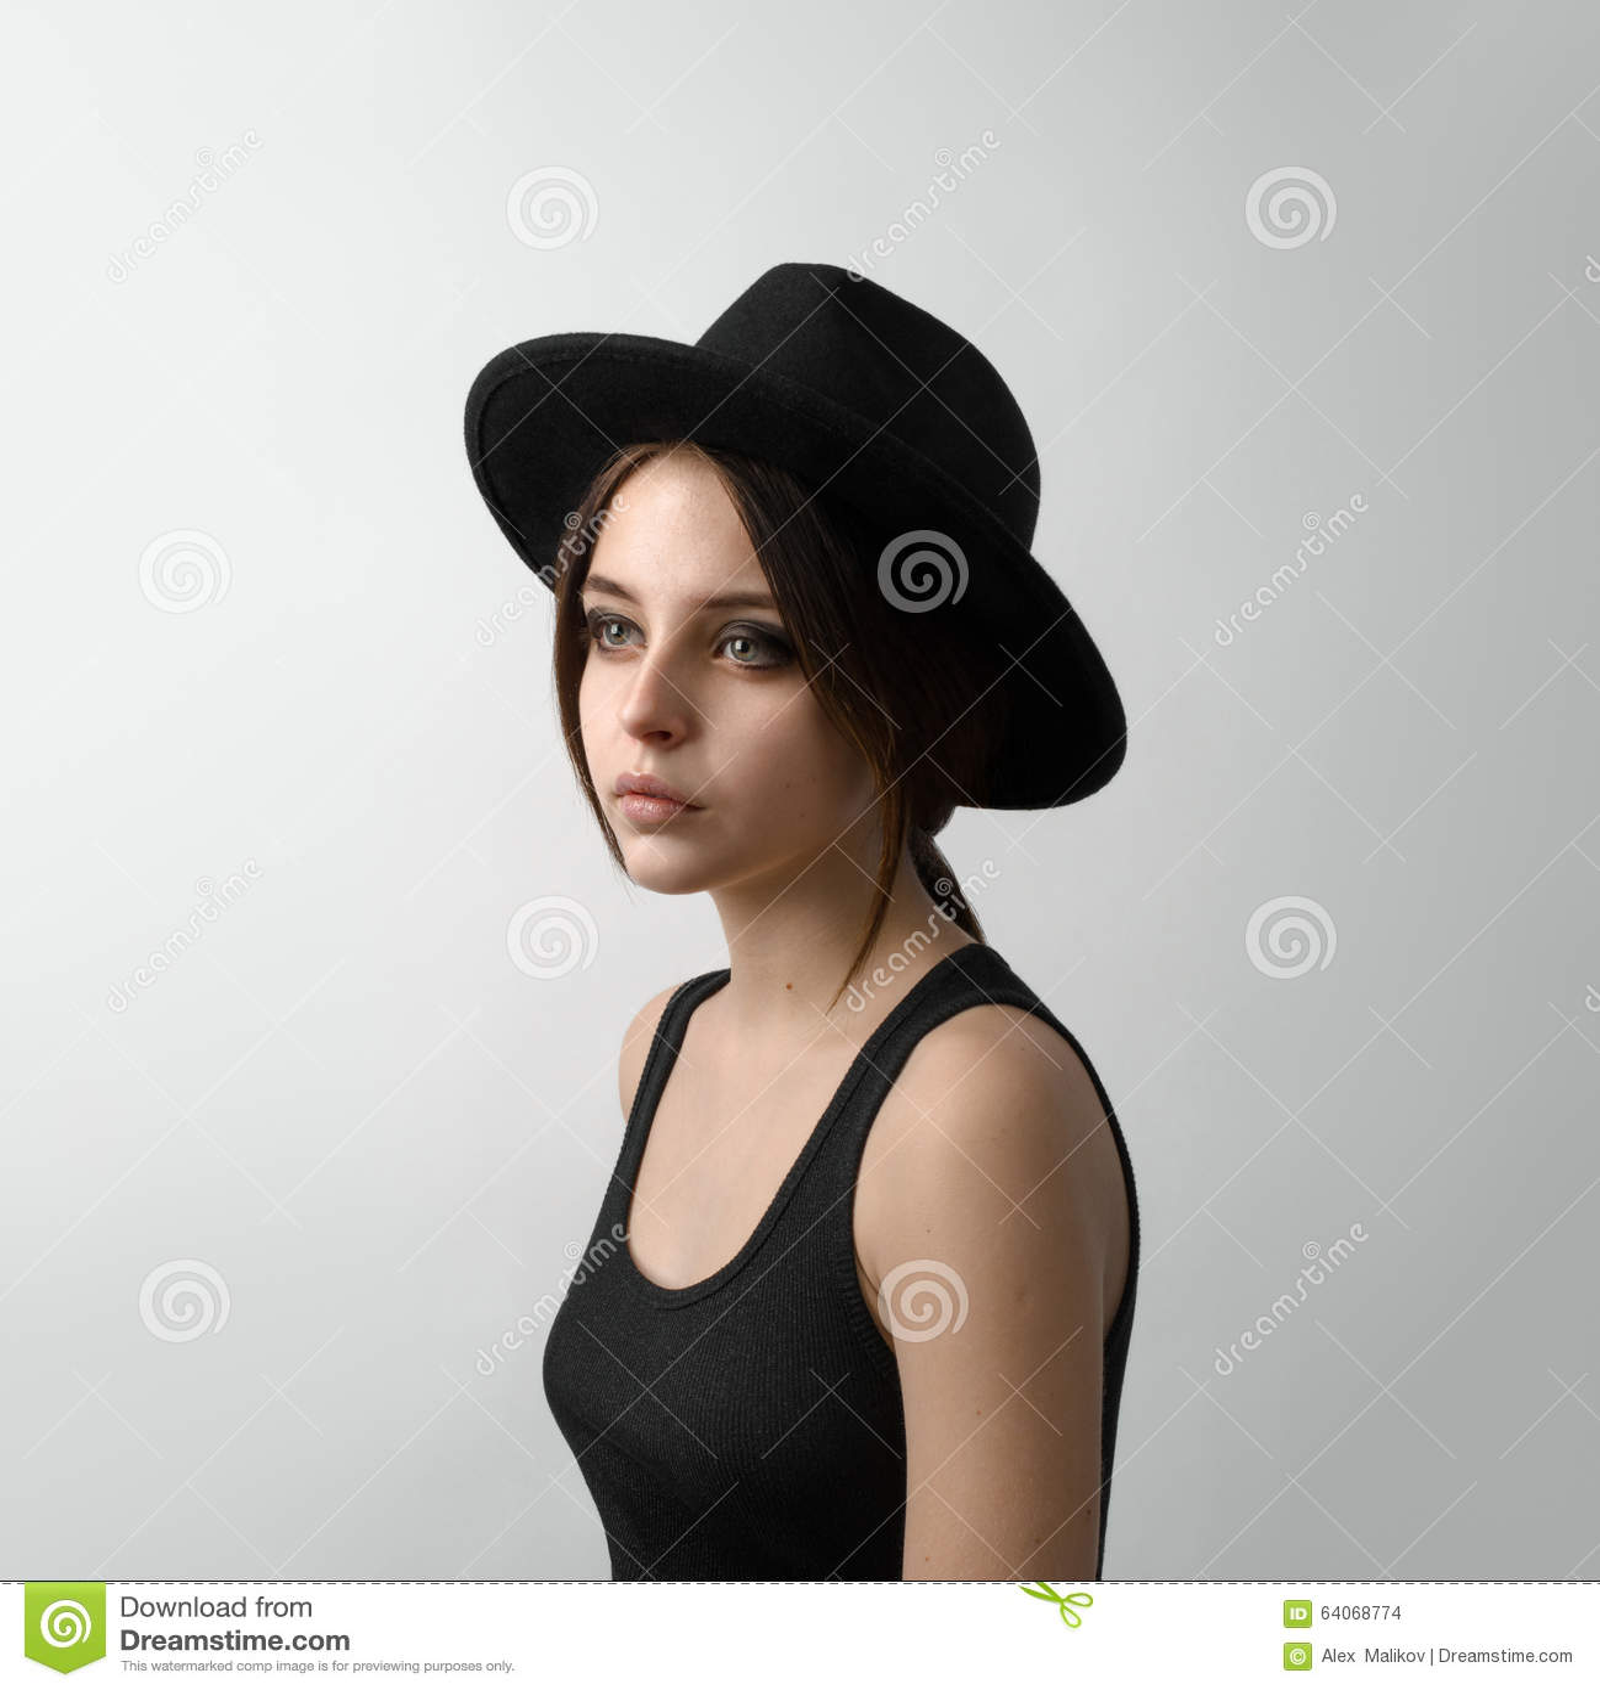 Dramatyczny portret dziewczyna temat: portret piękna młoda dziewczyna w czarnym kapeluszu i czarnej koszula na szarym tle